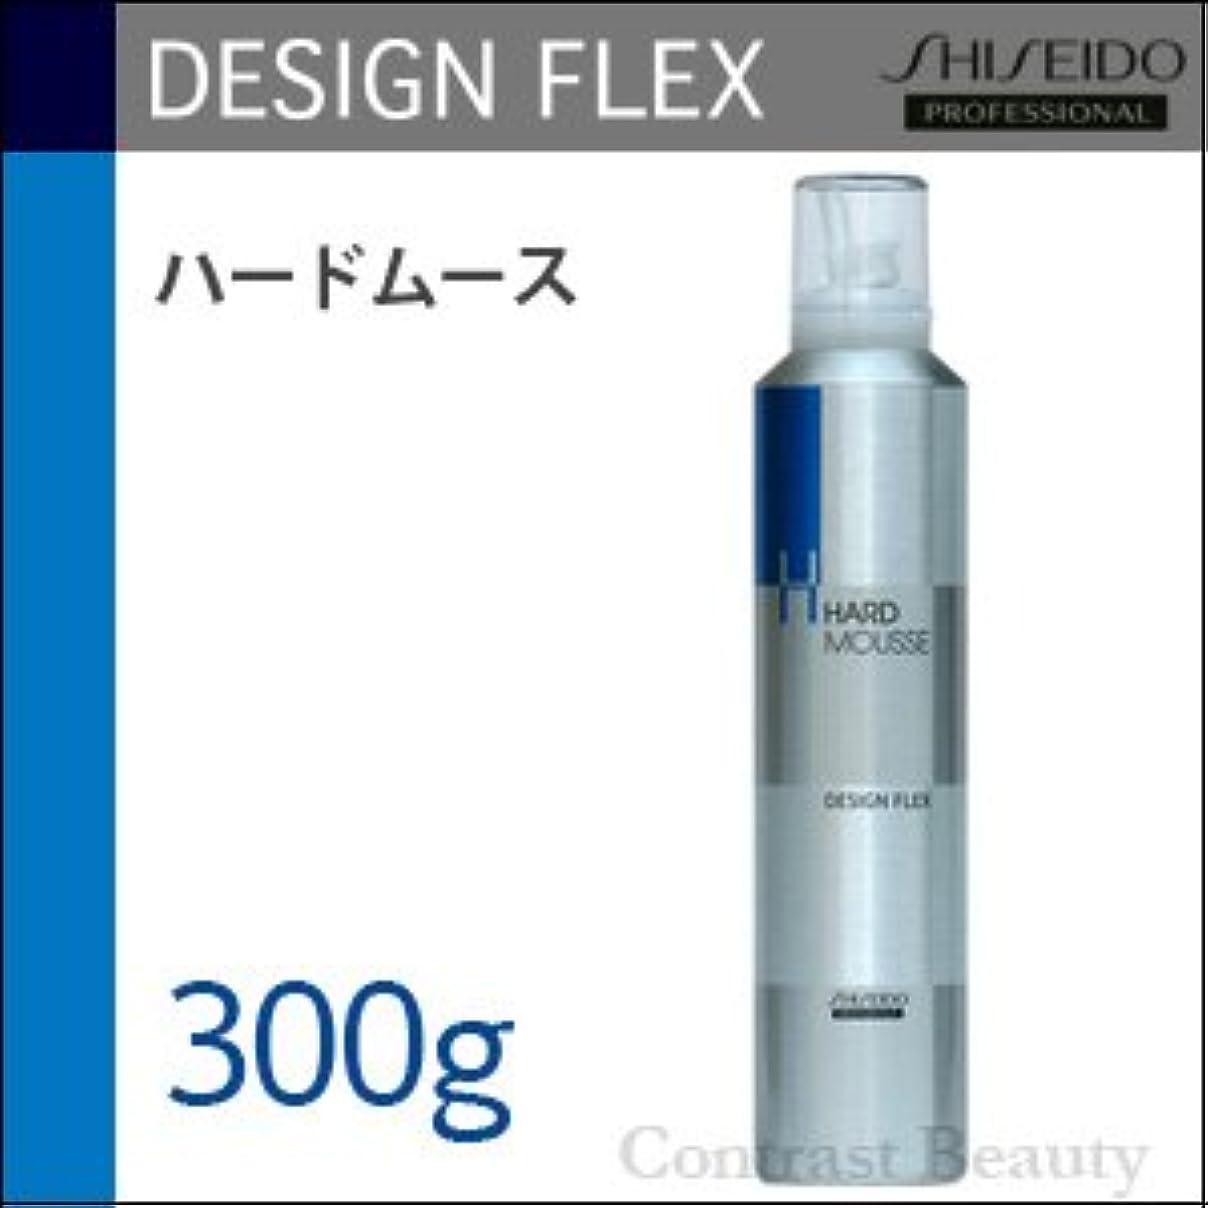 雰囲気自分自身磨かれた【x3個セット】 資生堂 デザインフレックス ハードムース 300g